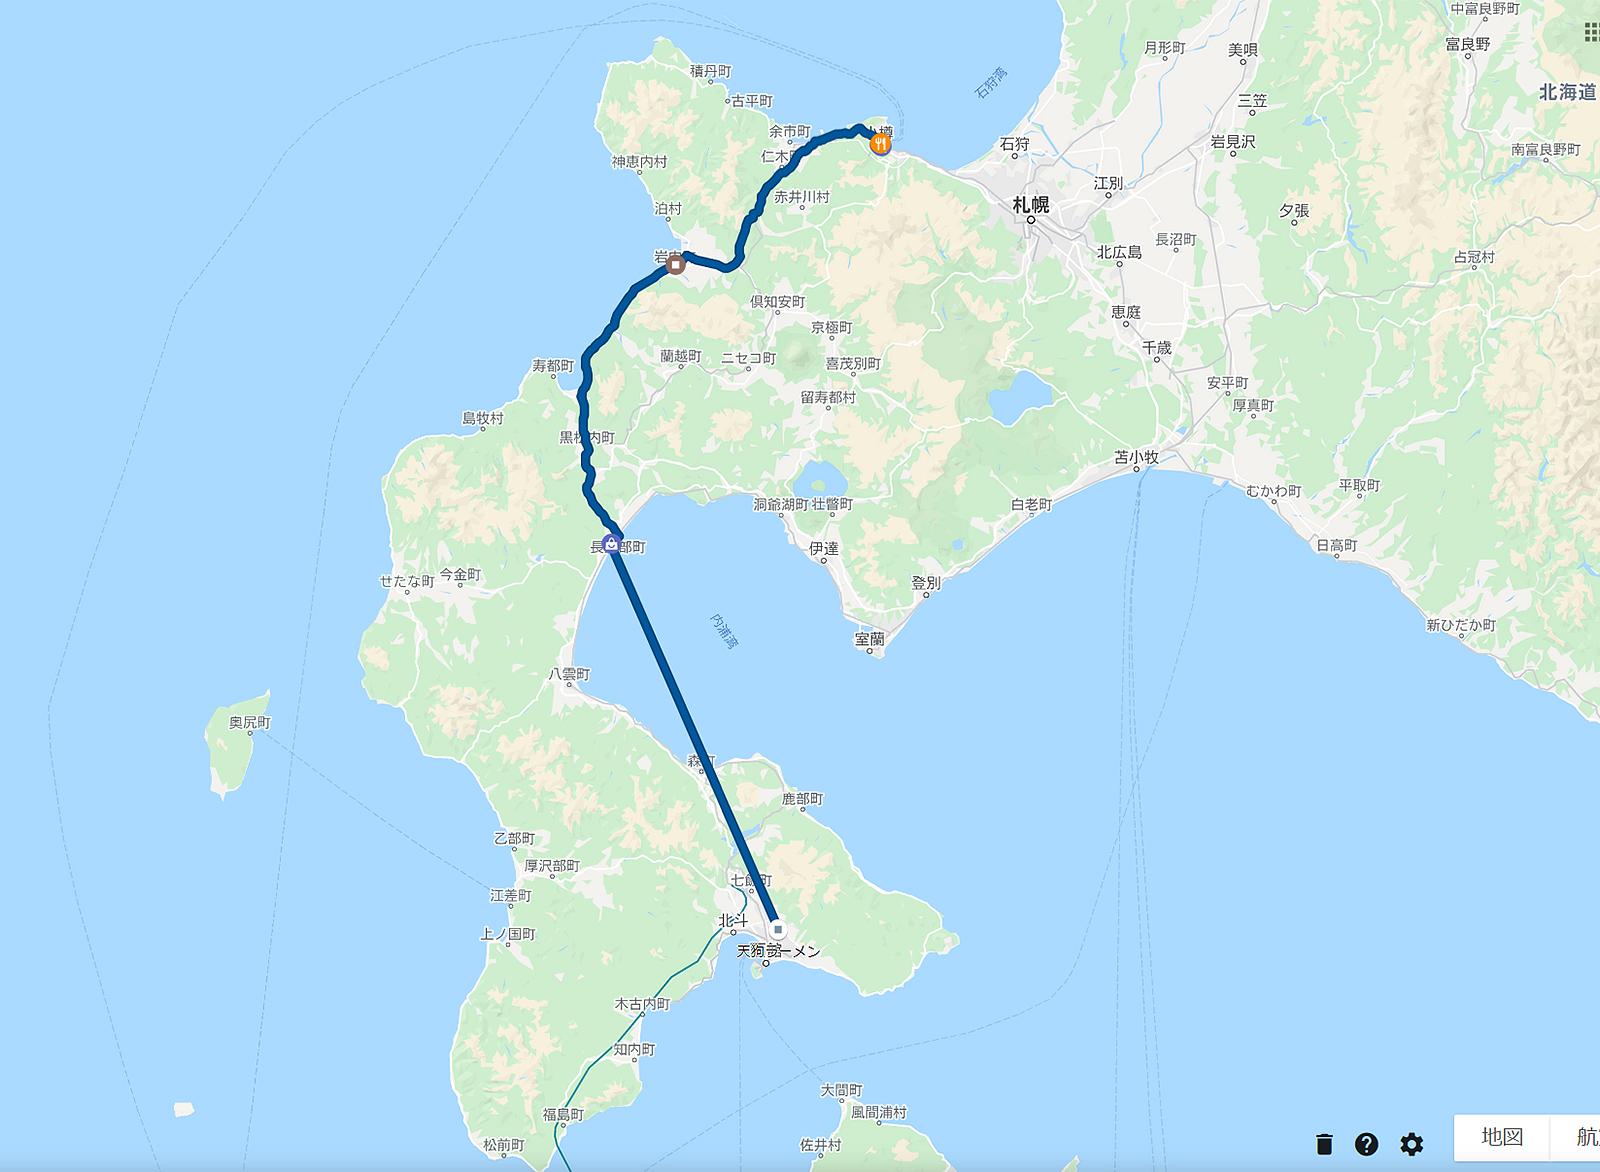 2020年3月22日のタイムライン  函館から道の駅いわない経由で小樽まで車で移動